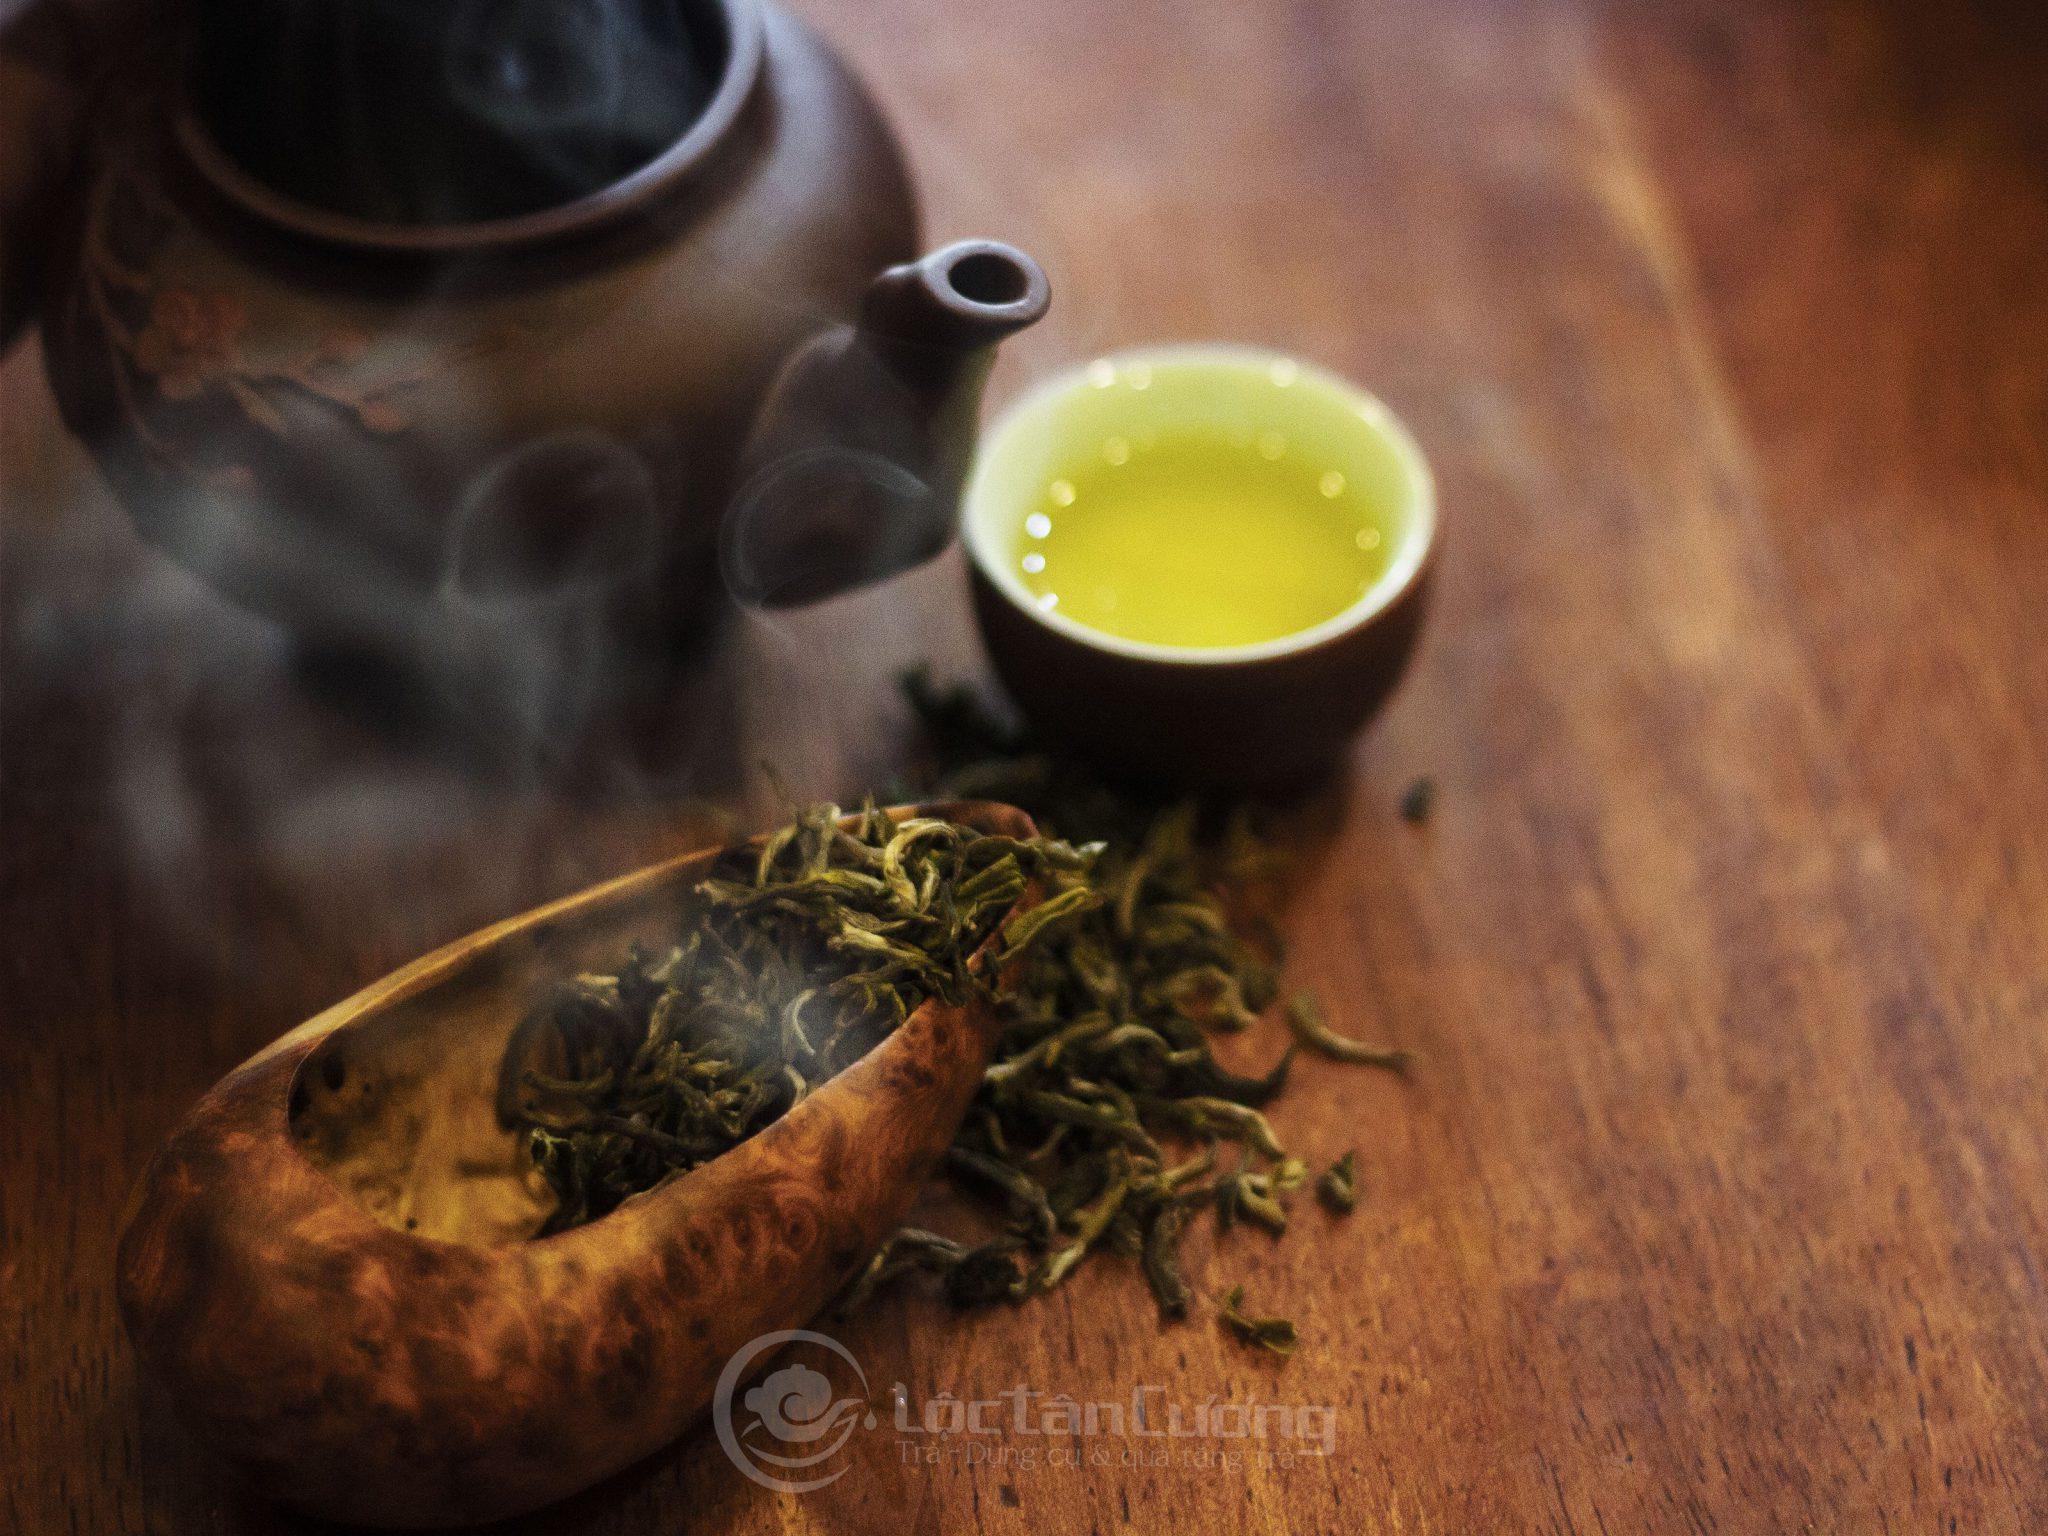 Công dụng của trà shan tuyết đối với việc làm chậm tiến trình lão hóa